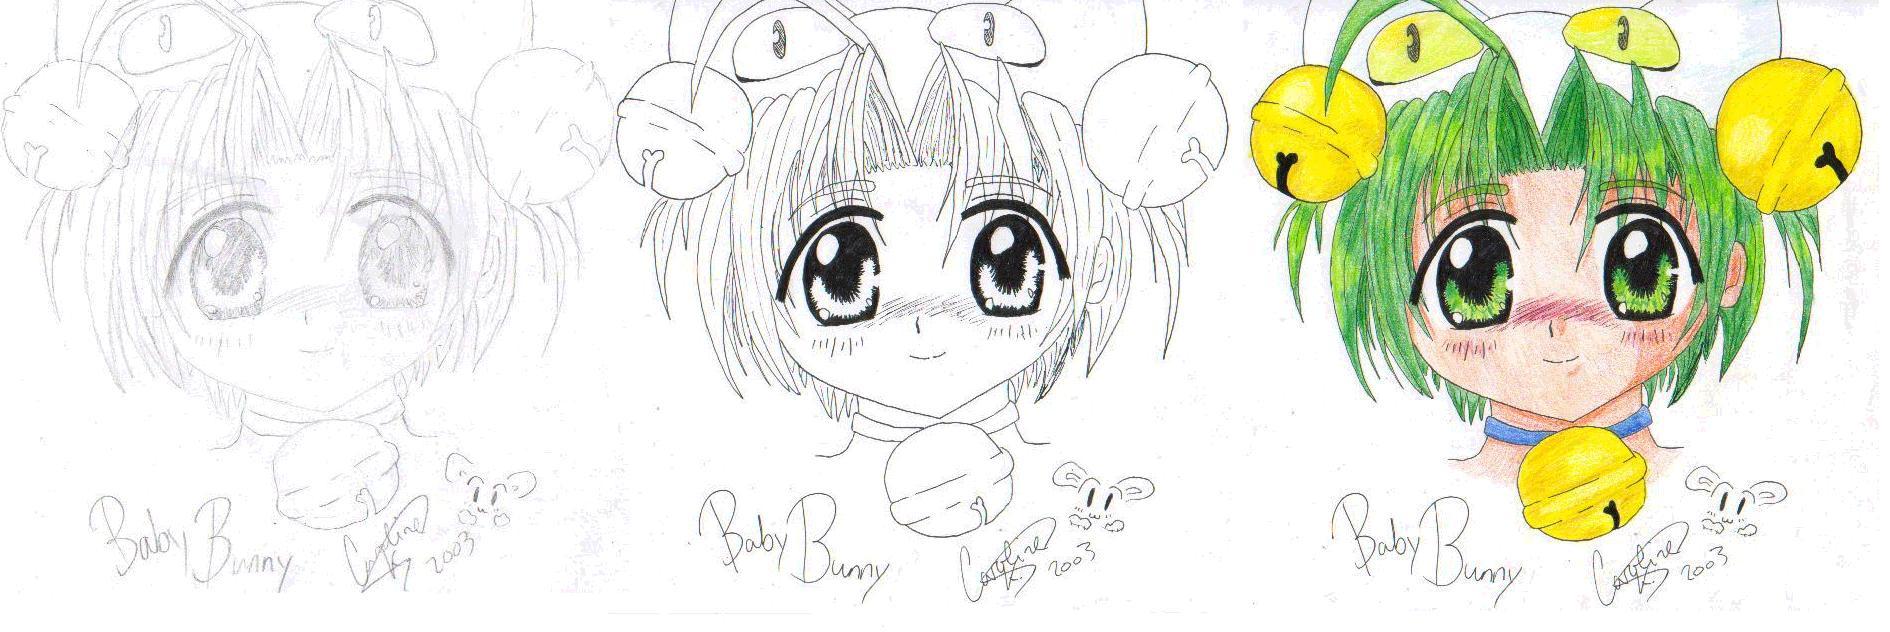 Dejiko! by Baby-Bunny